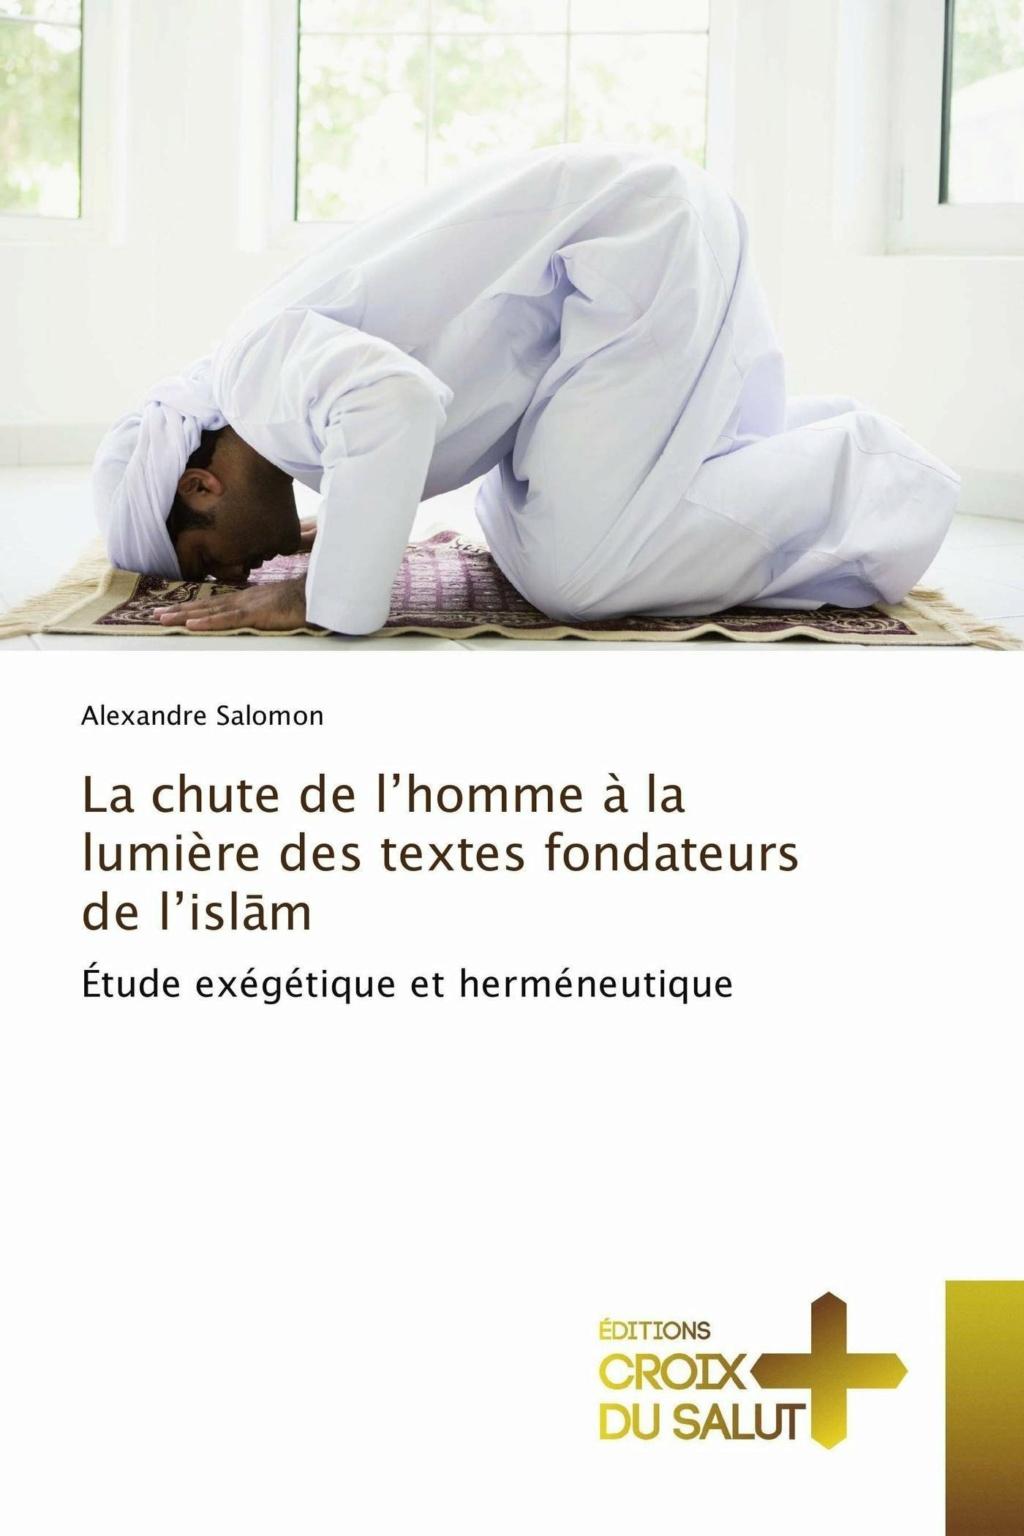 La chute de l'homme à la lumière des textes fondateurs de l'islam Livre_18